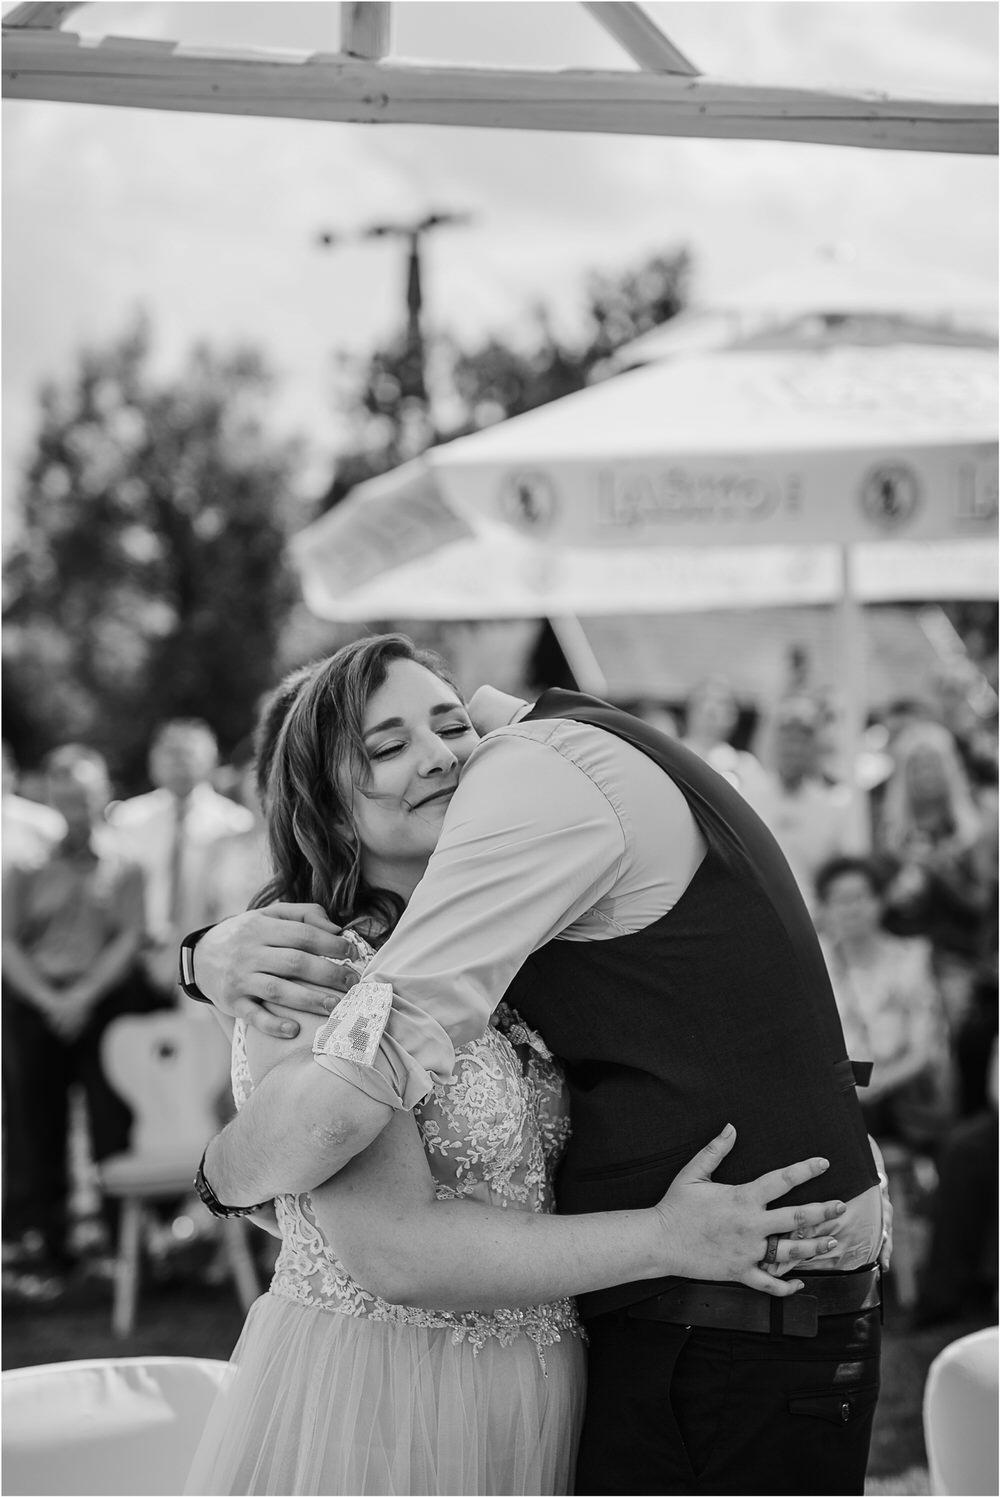 goriska brda poroka fotgorafija fotograf fotografiranje porocno kras primorska obala romanticna boho poroka rustikalna nika grega 0029.jpg